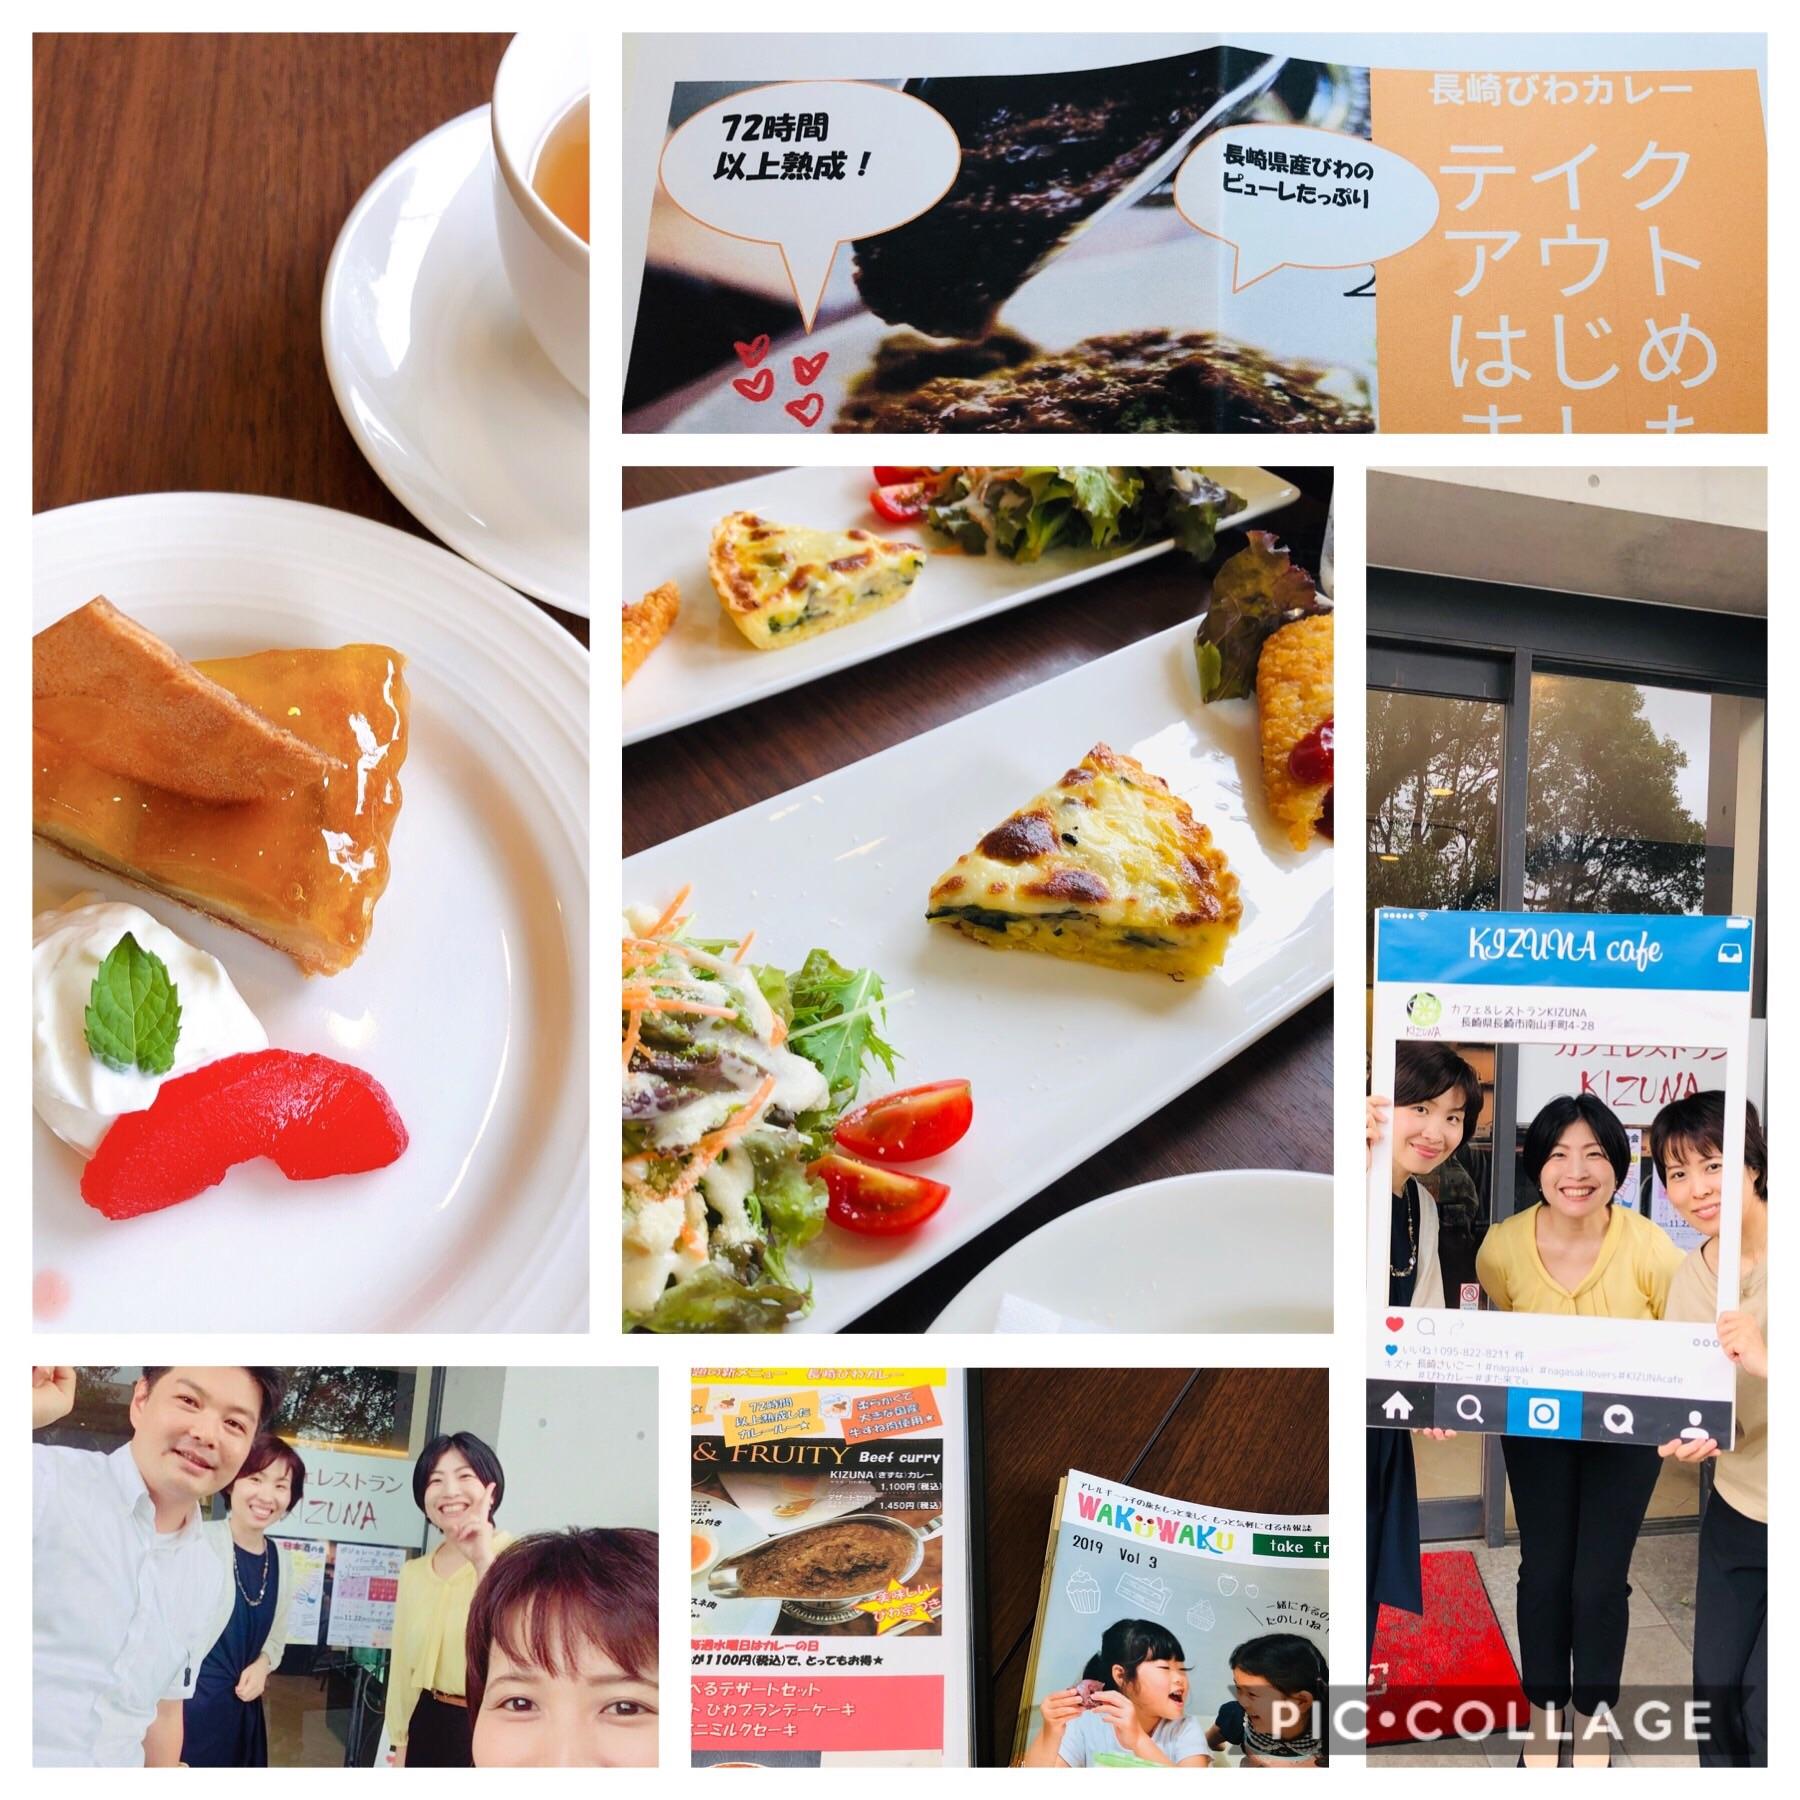 f:id:allergy_nagasakikko:20191003154836j:image